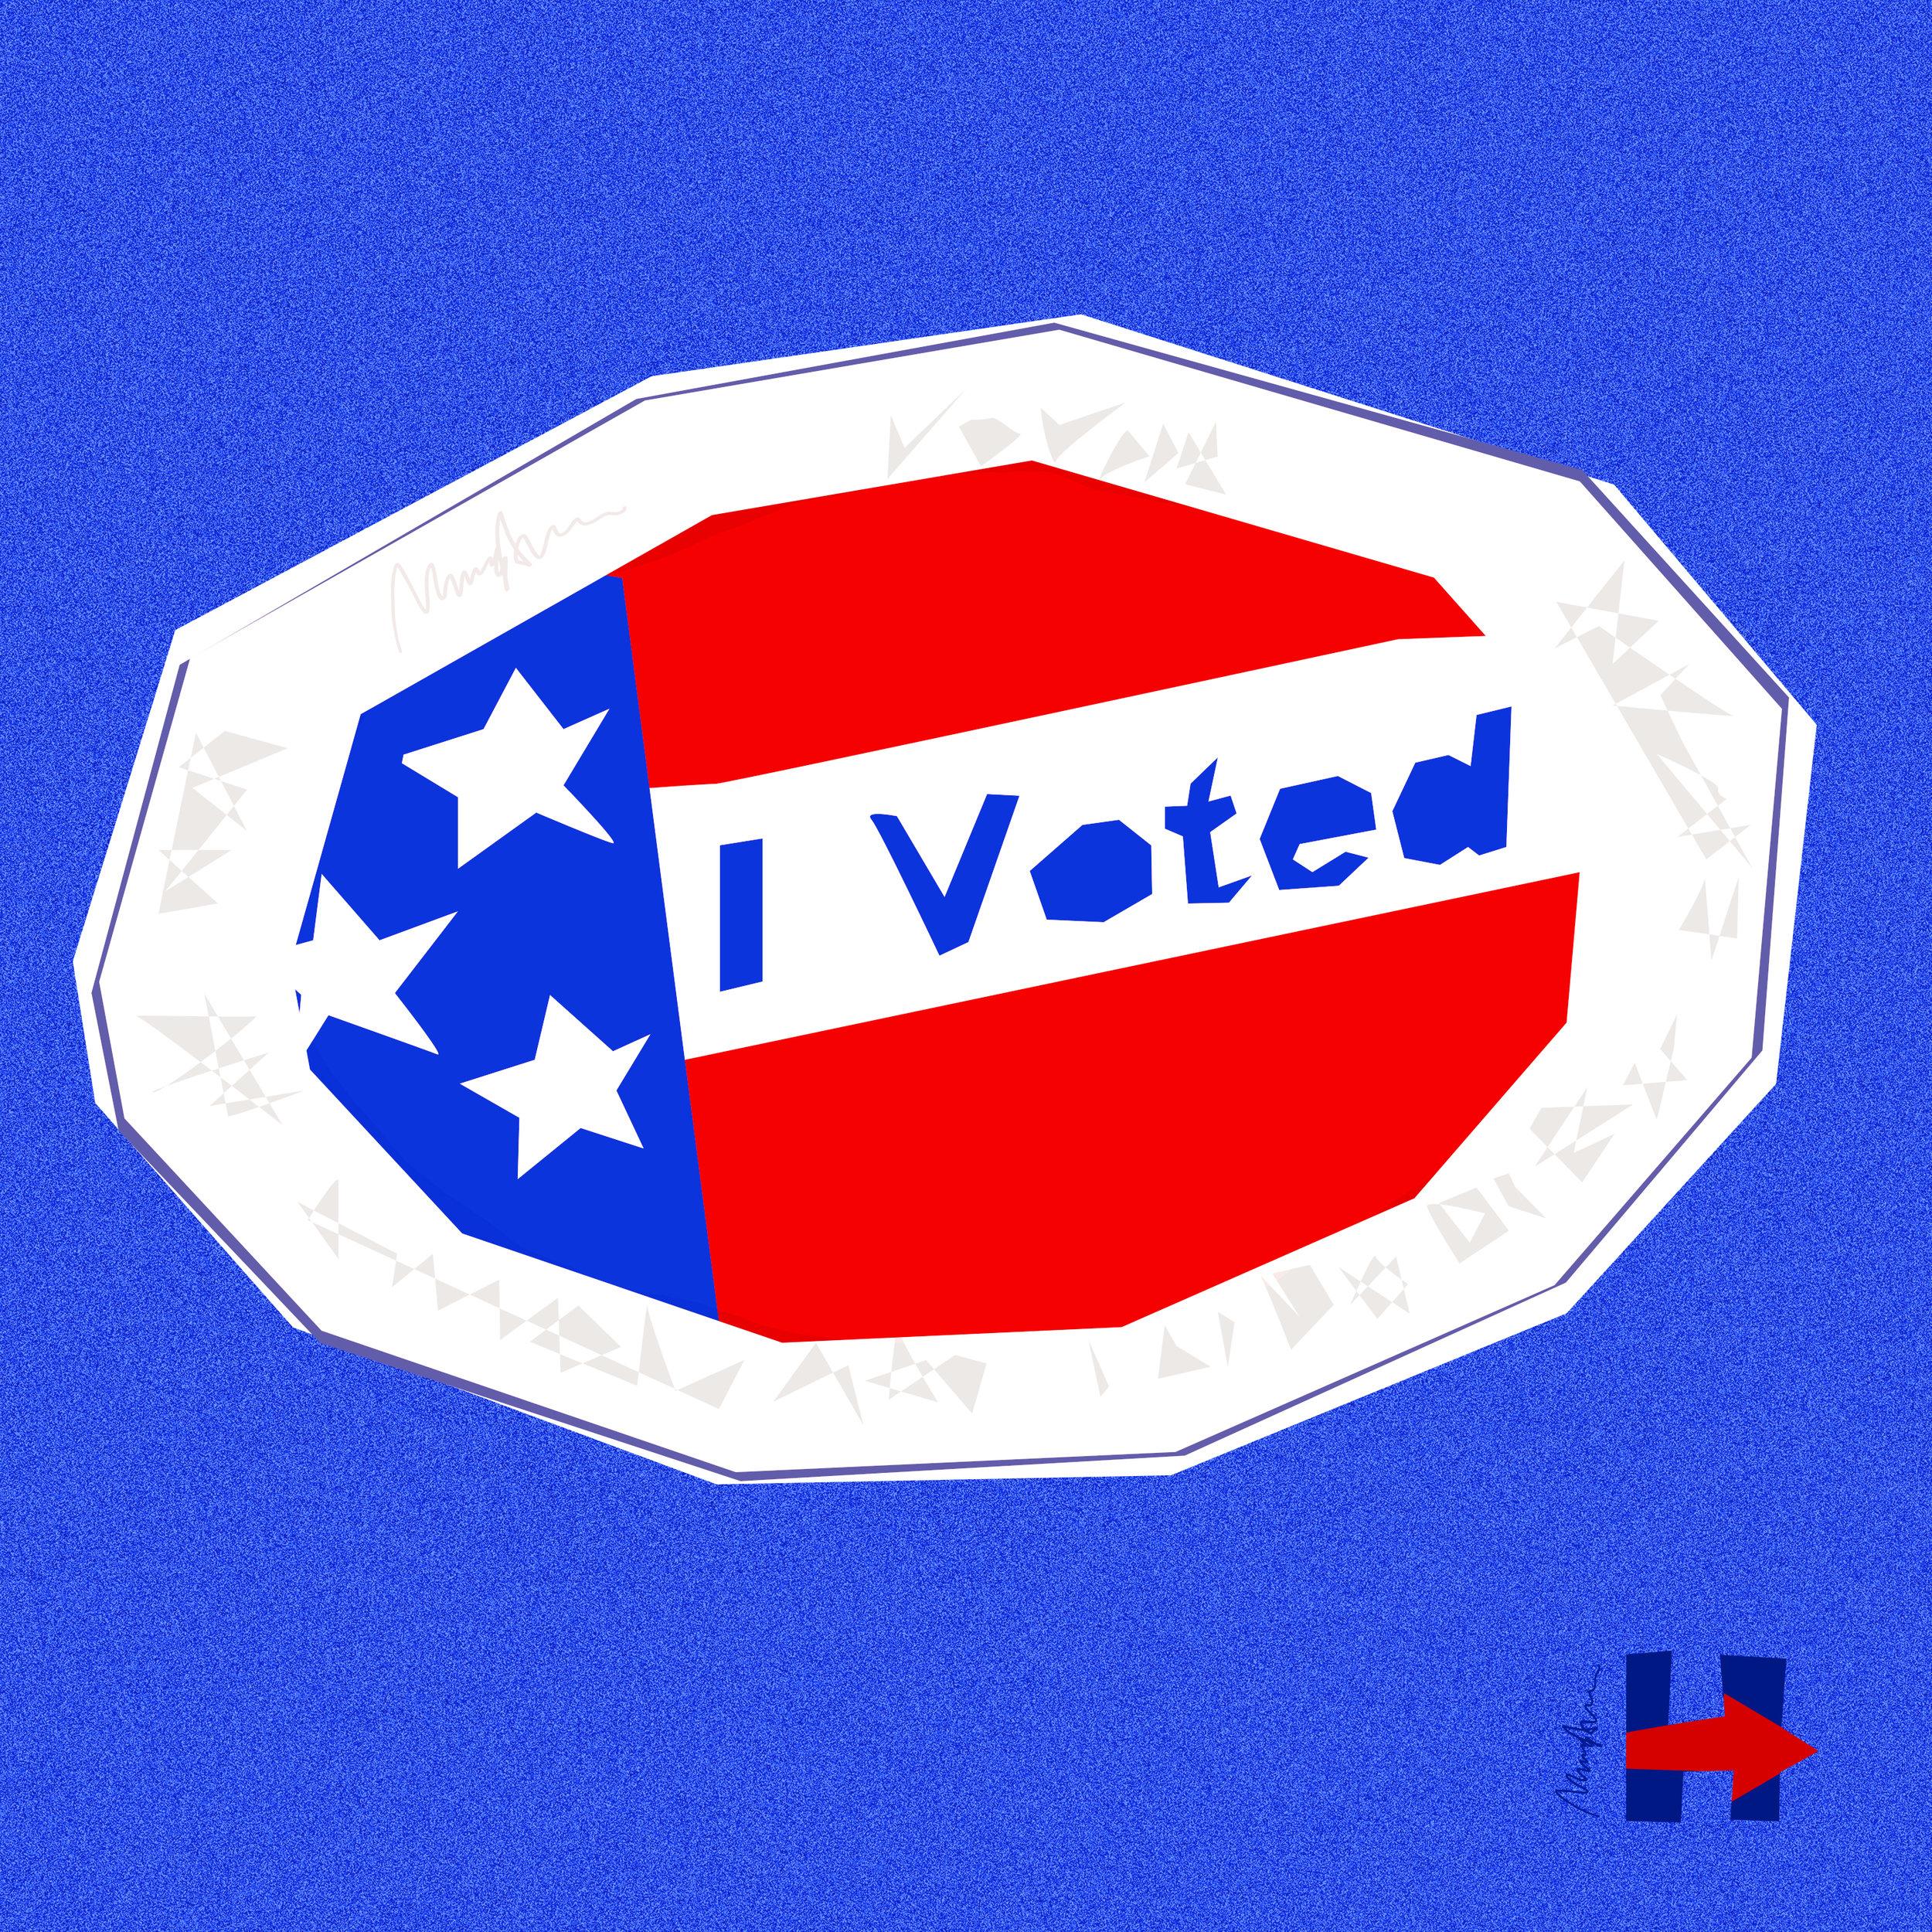 vote_3.jpg